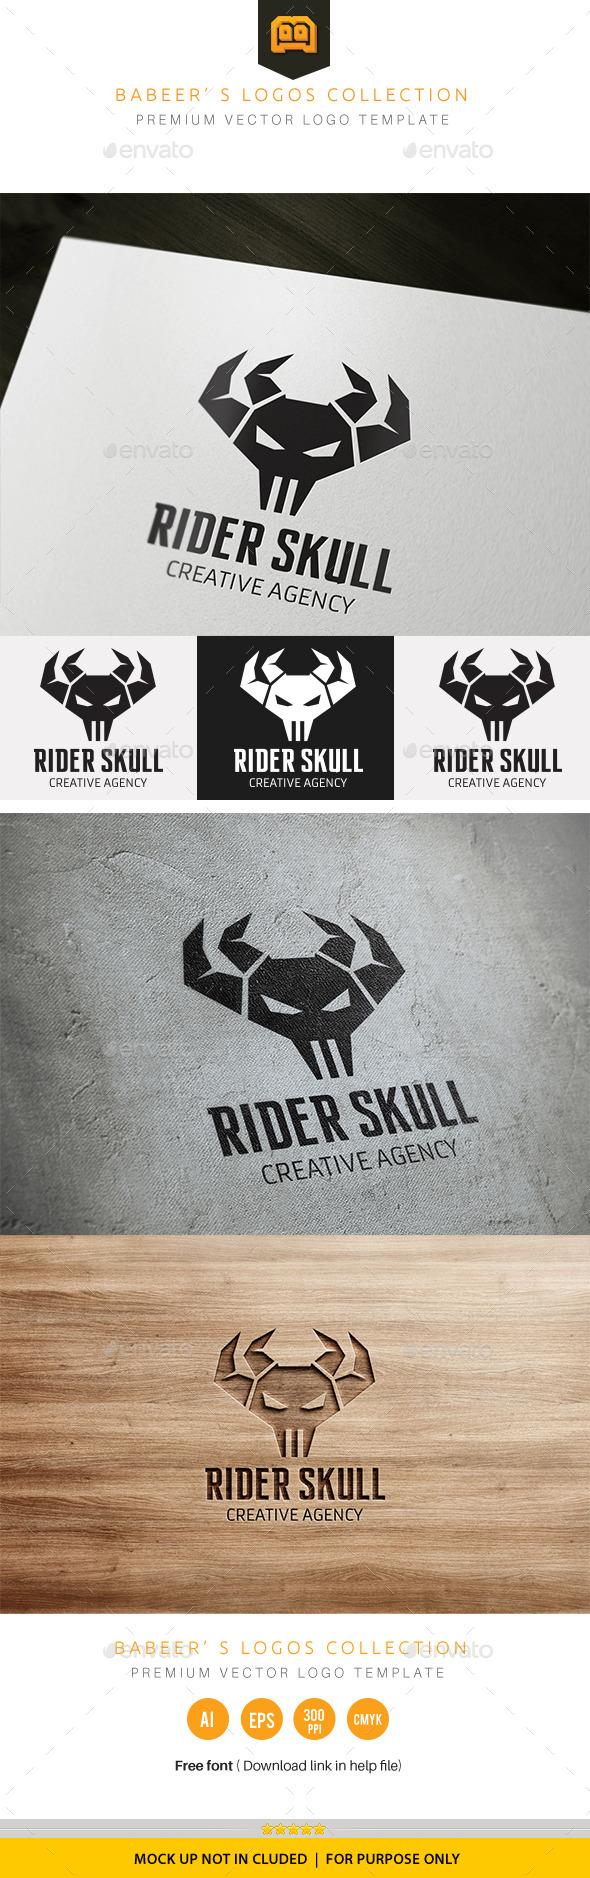 GraphicRiver Rider Skull 10839520